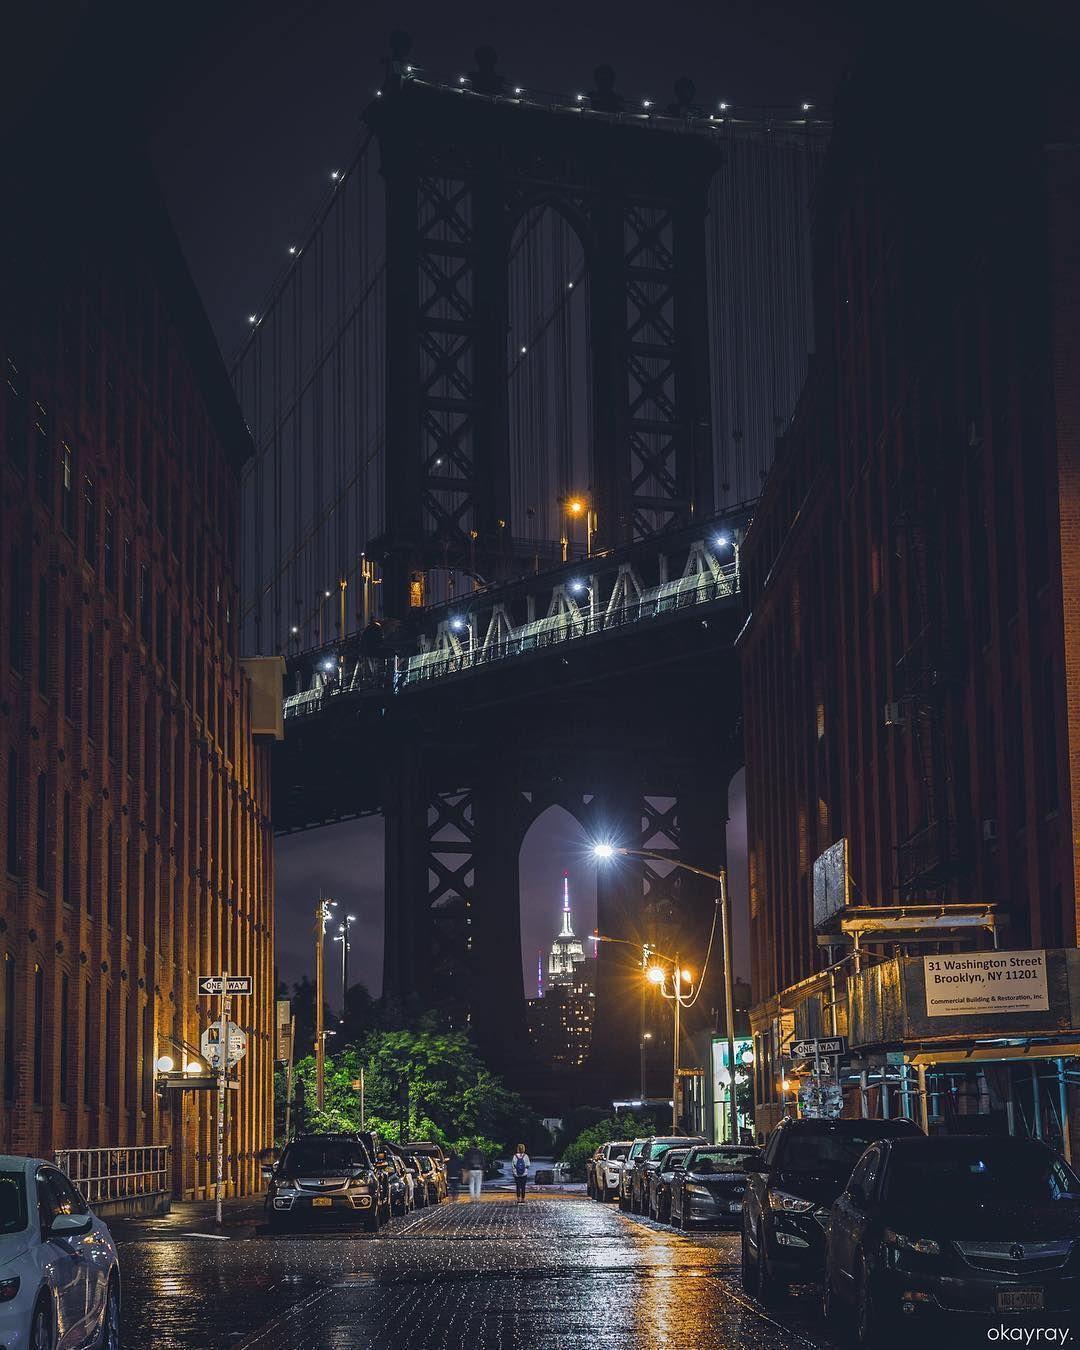 Dumbo Night City Aesthetic New York City Around The Worlds